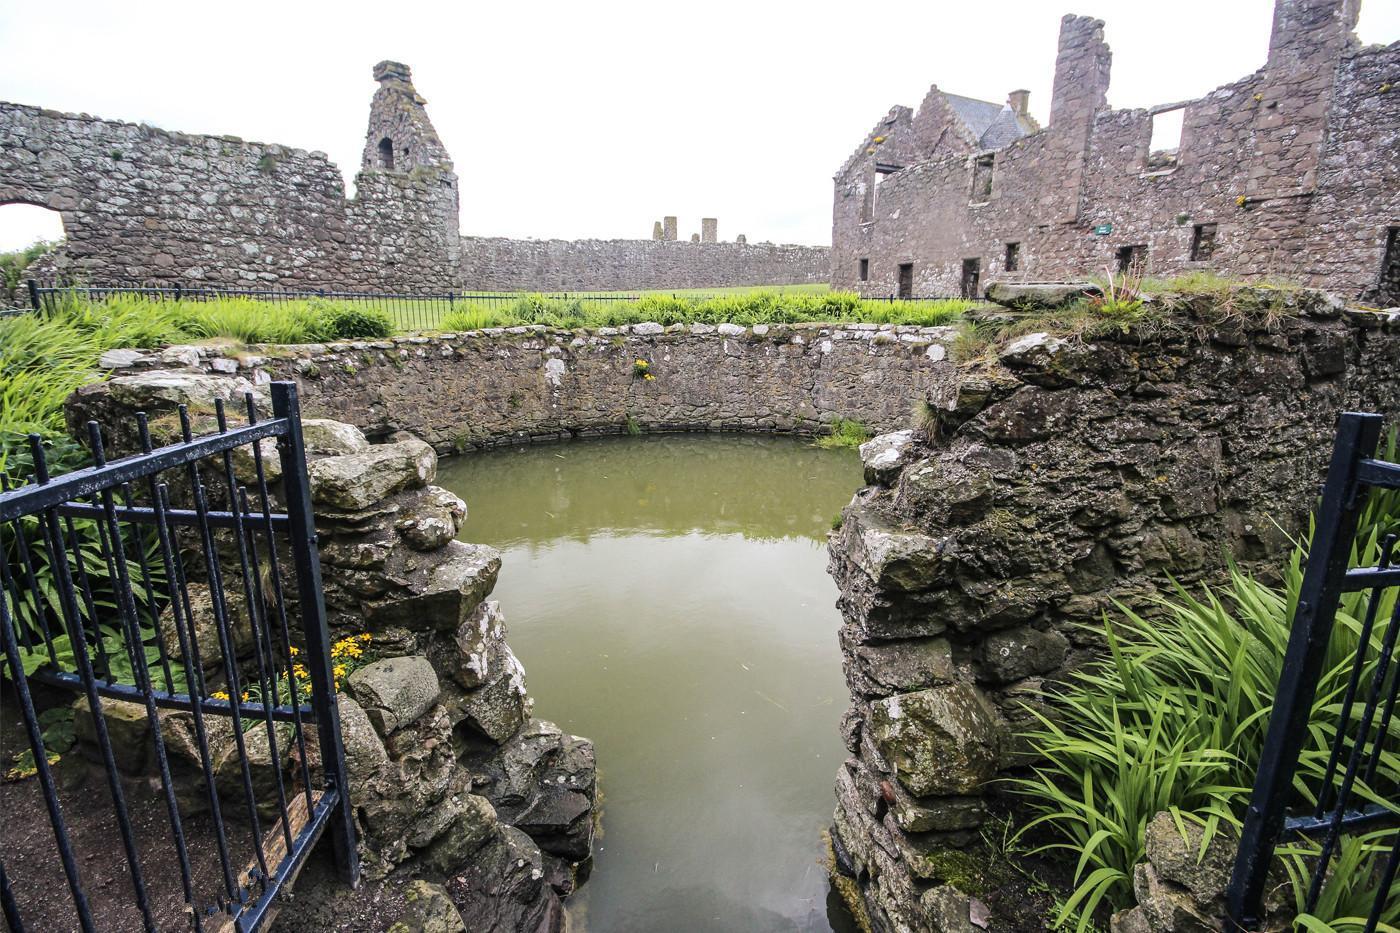 立下汗马功劳的城堡:至今仍是无主之地,不能卖也不能重建